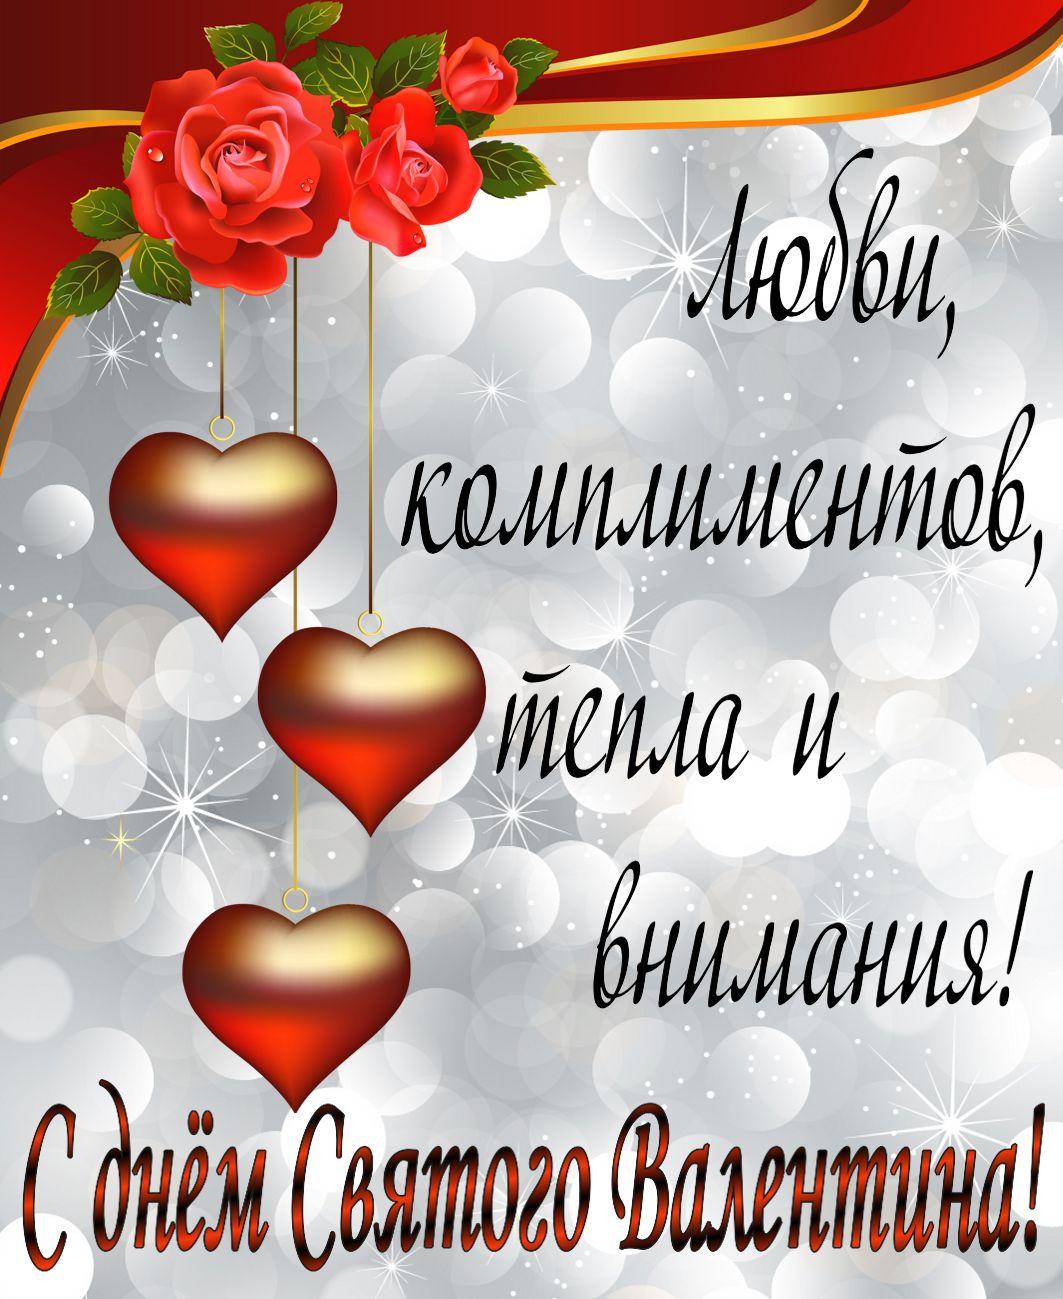 Открытка для друзей с днем святого валентина